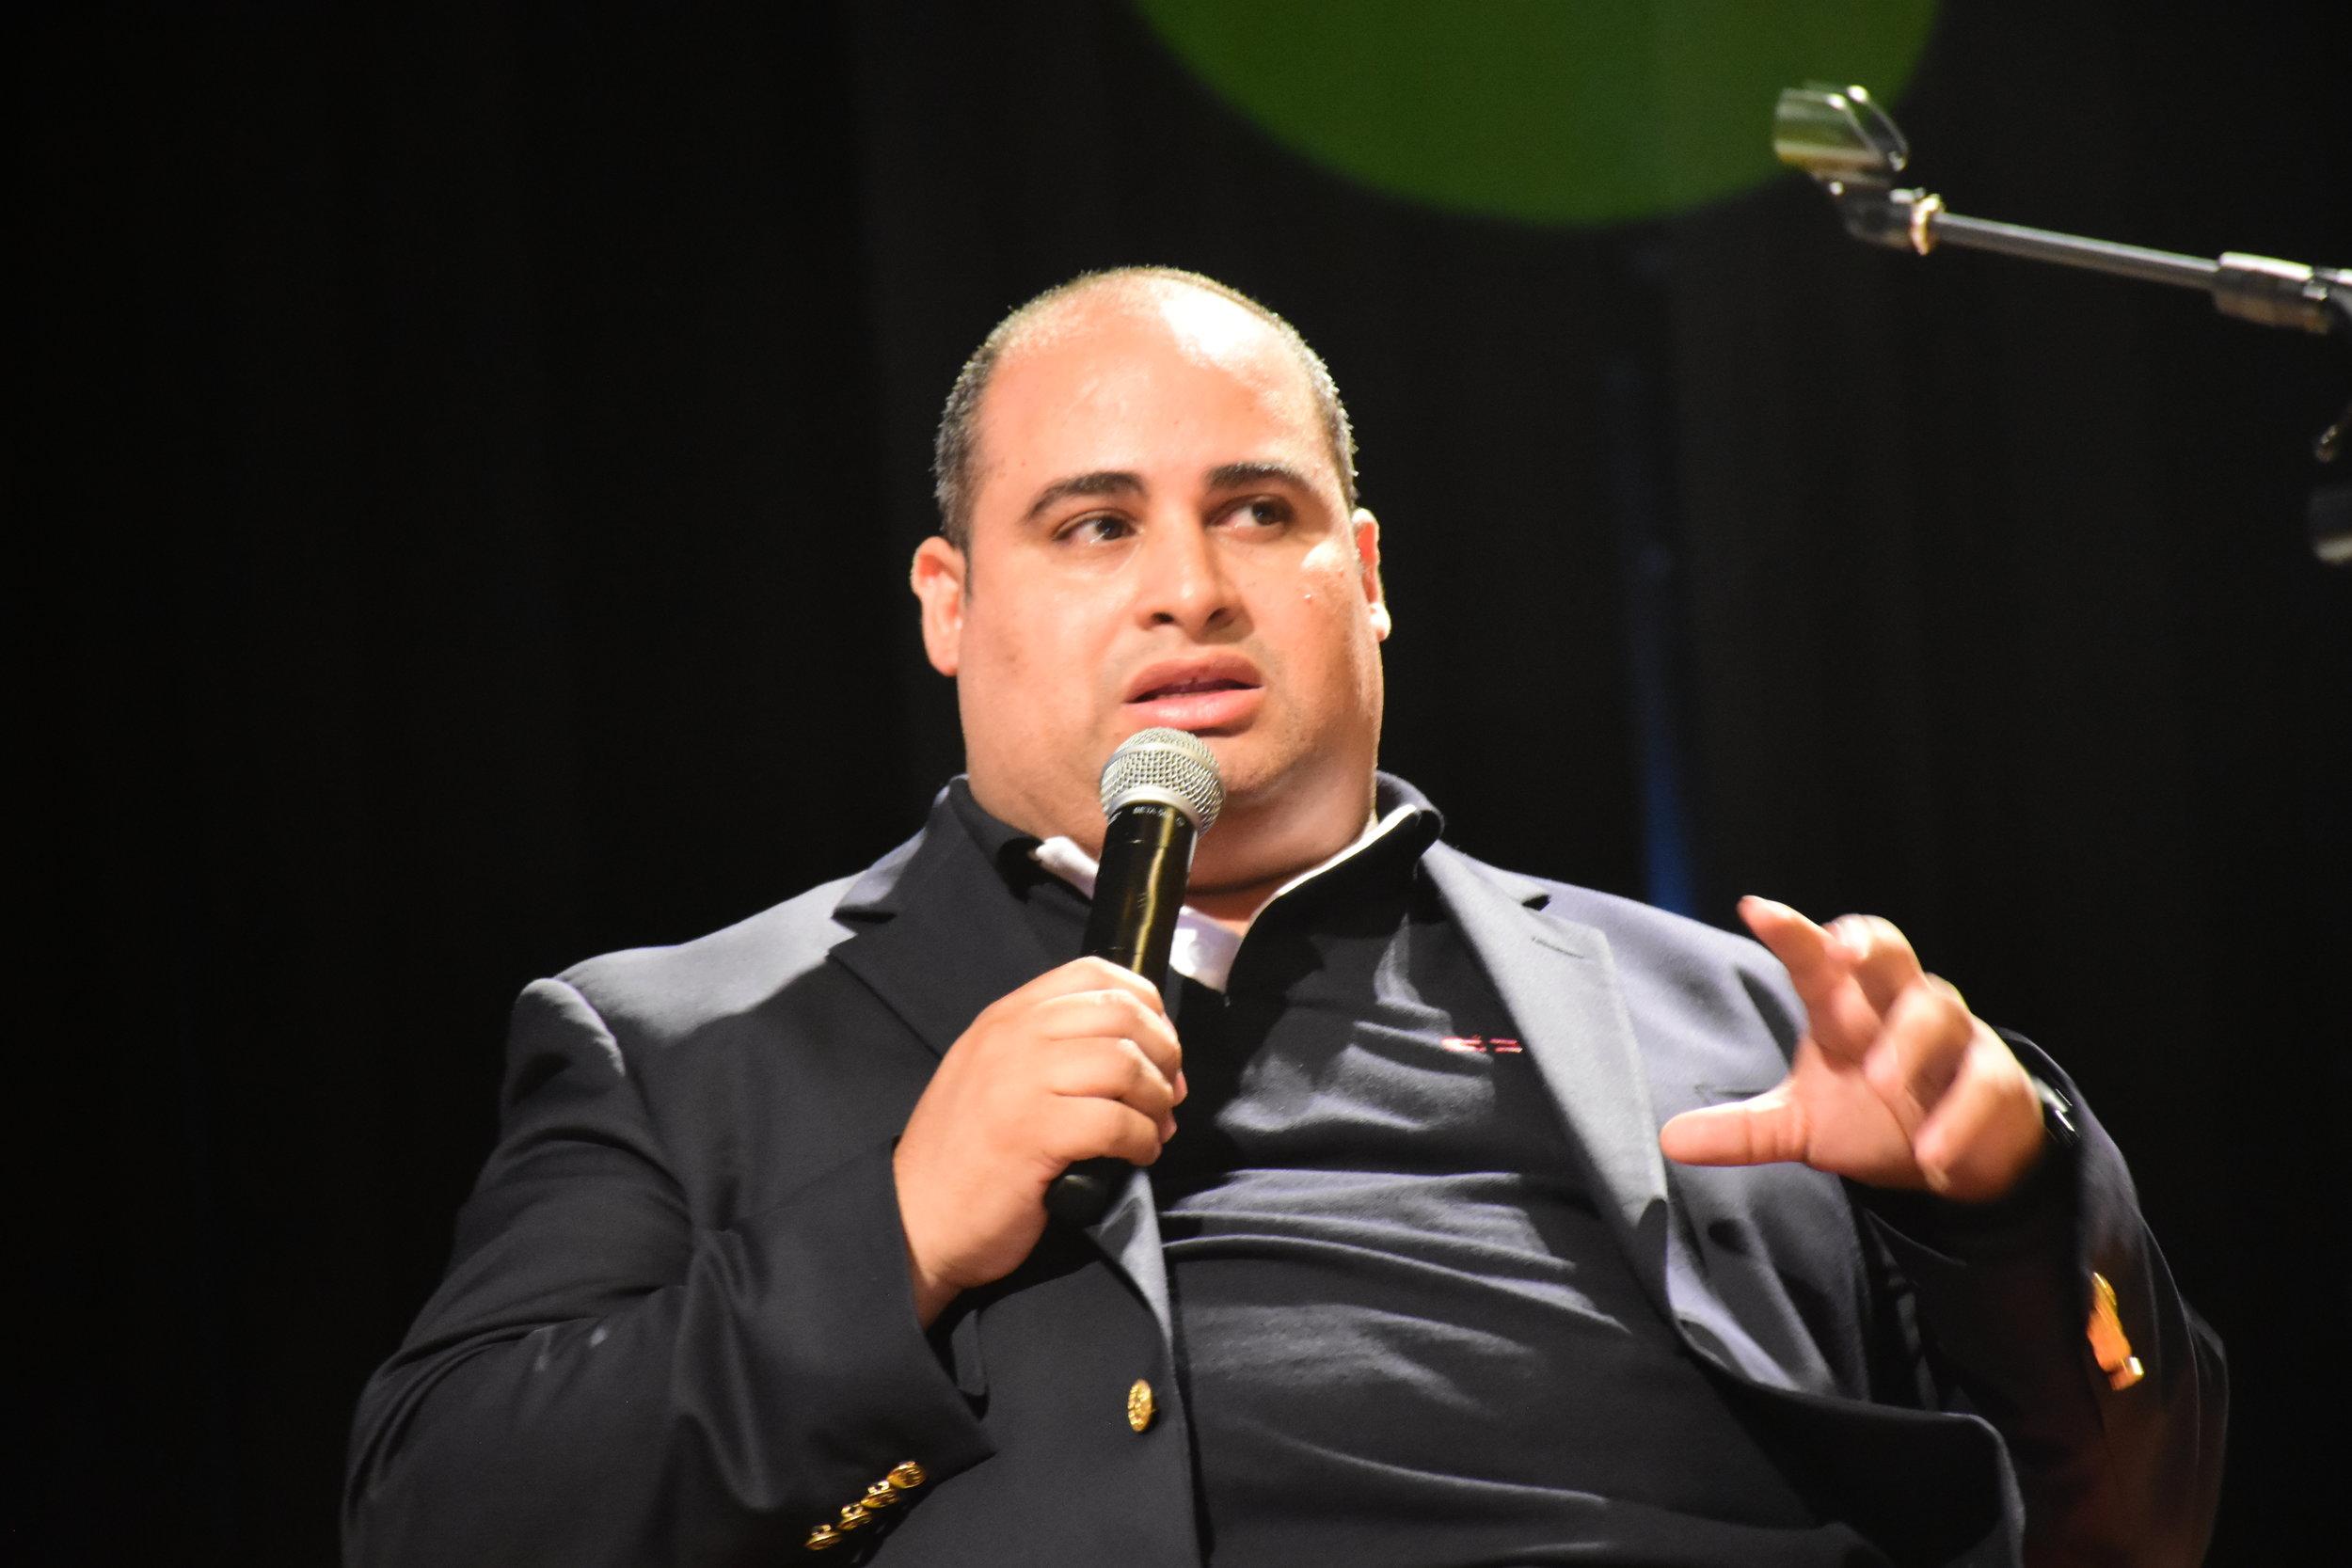 Rev. Leandro Pinheiro